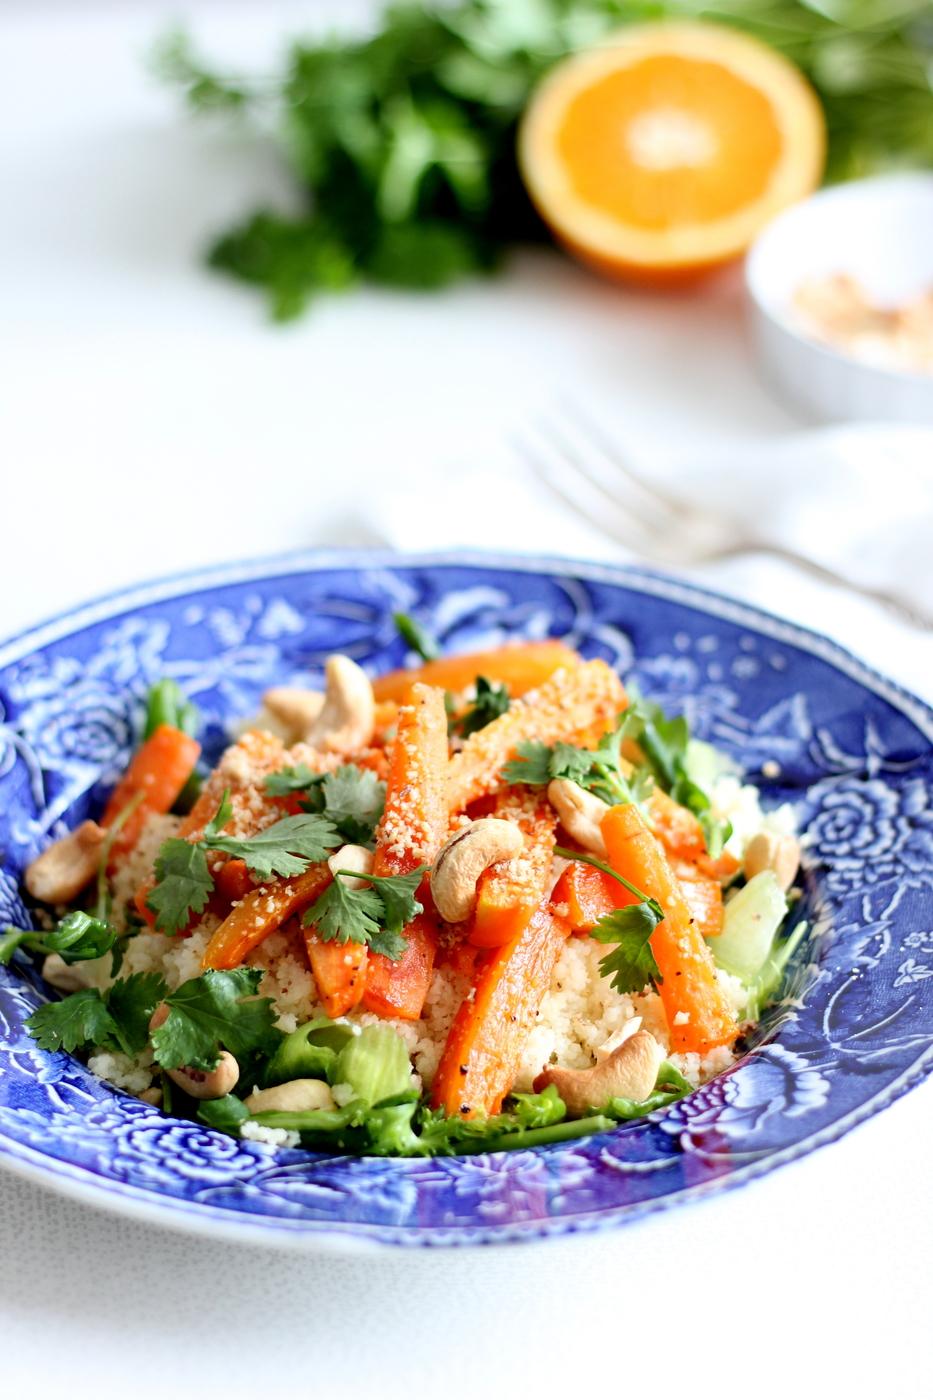 Porkkanasalaatti dukkah-mausteseoksella